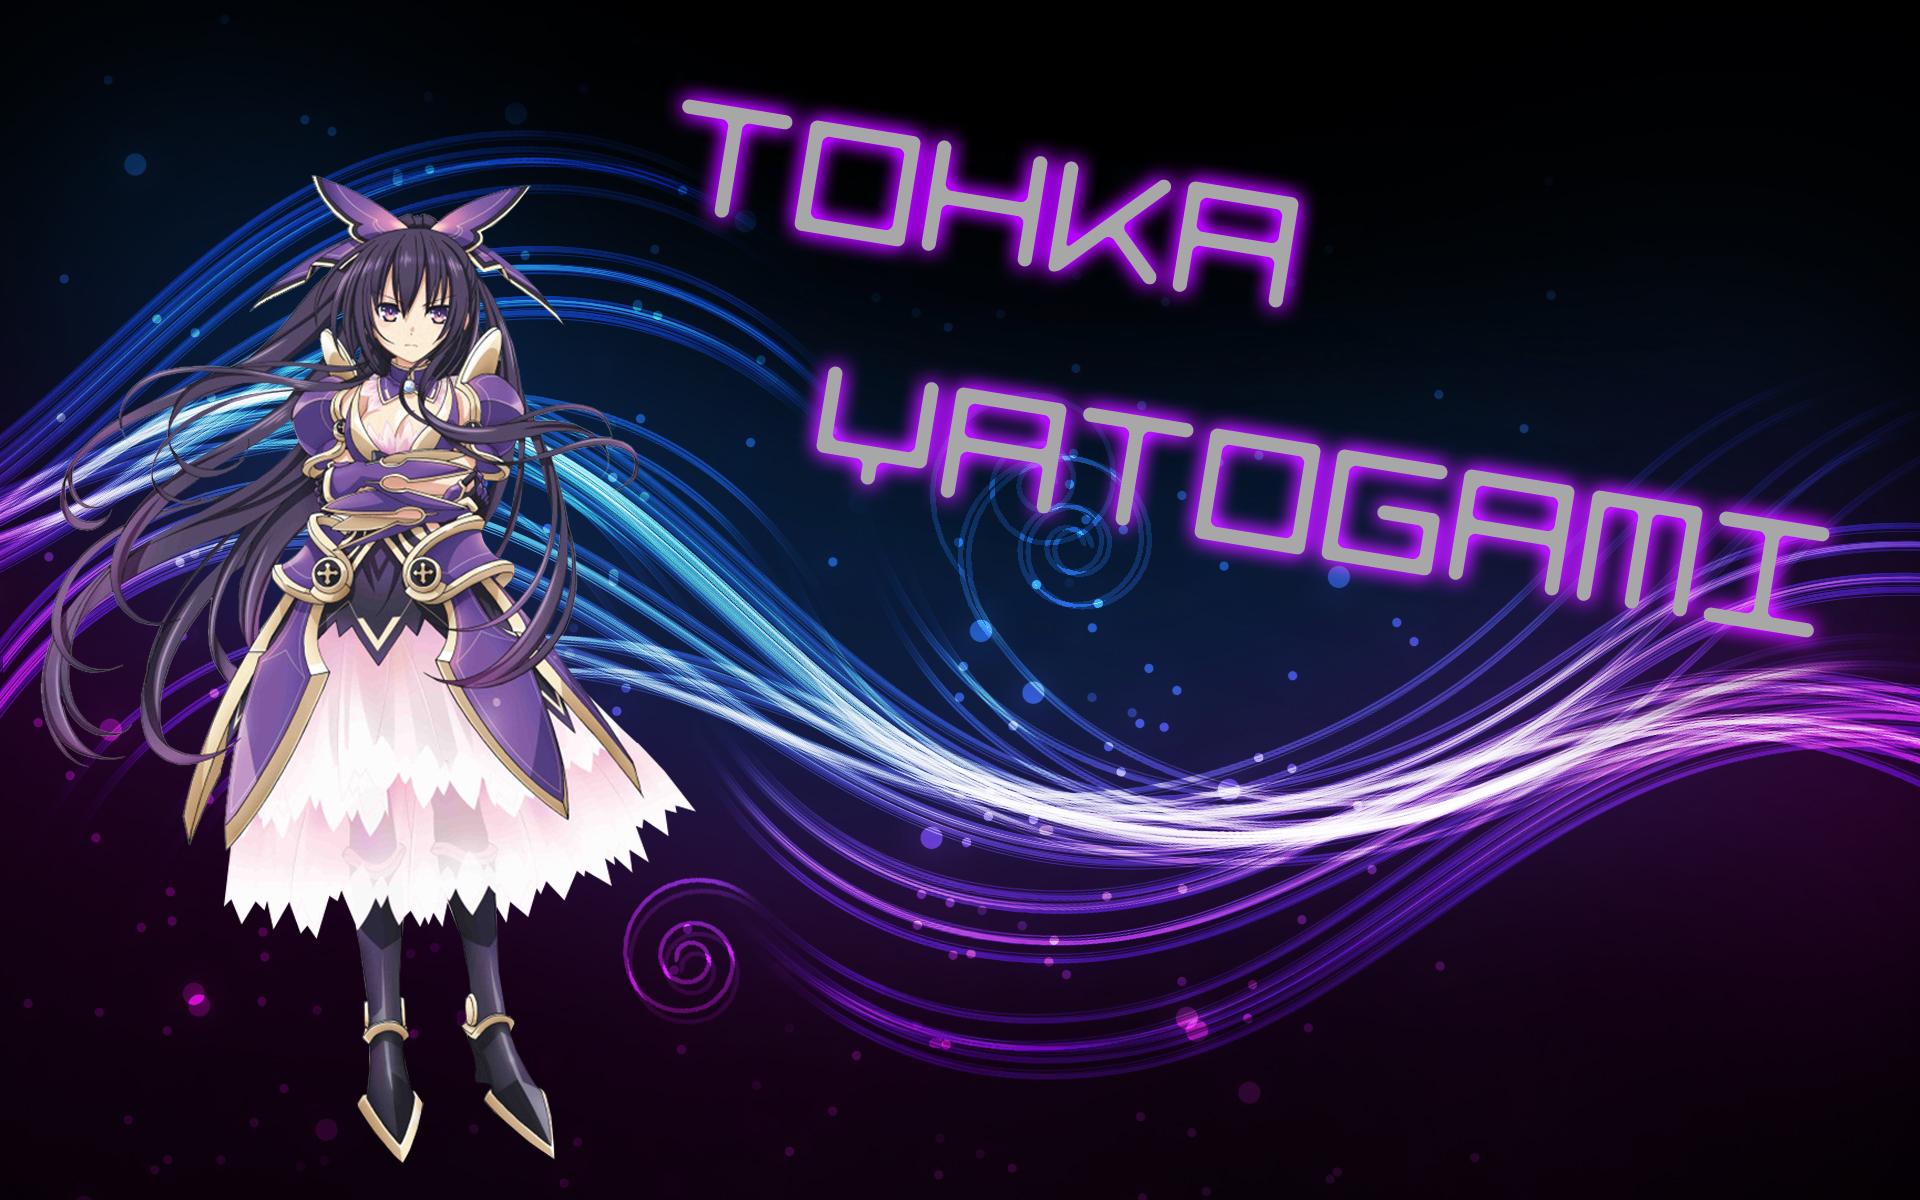 Tohak Yatogami - Purple Full HD Wallpaper and Background ...